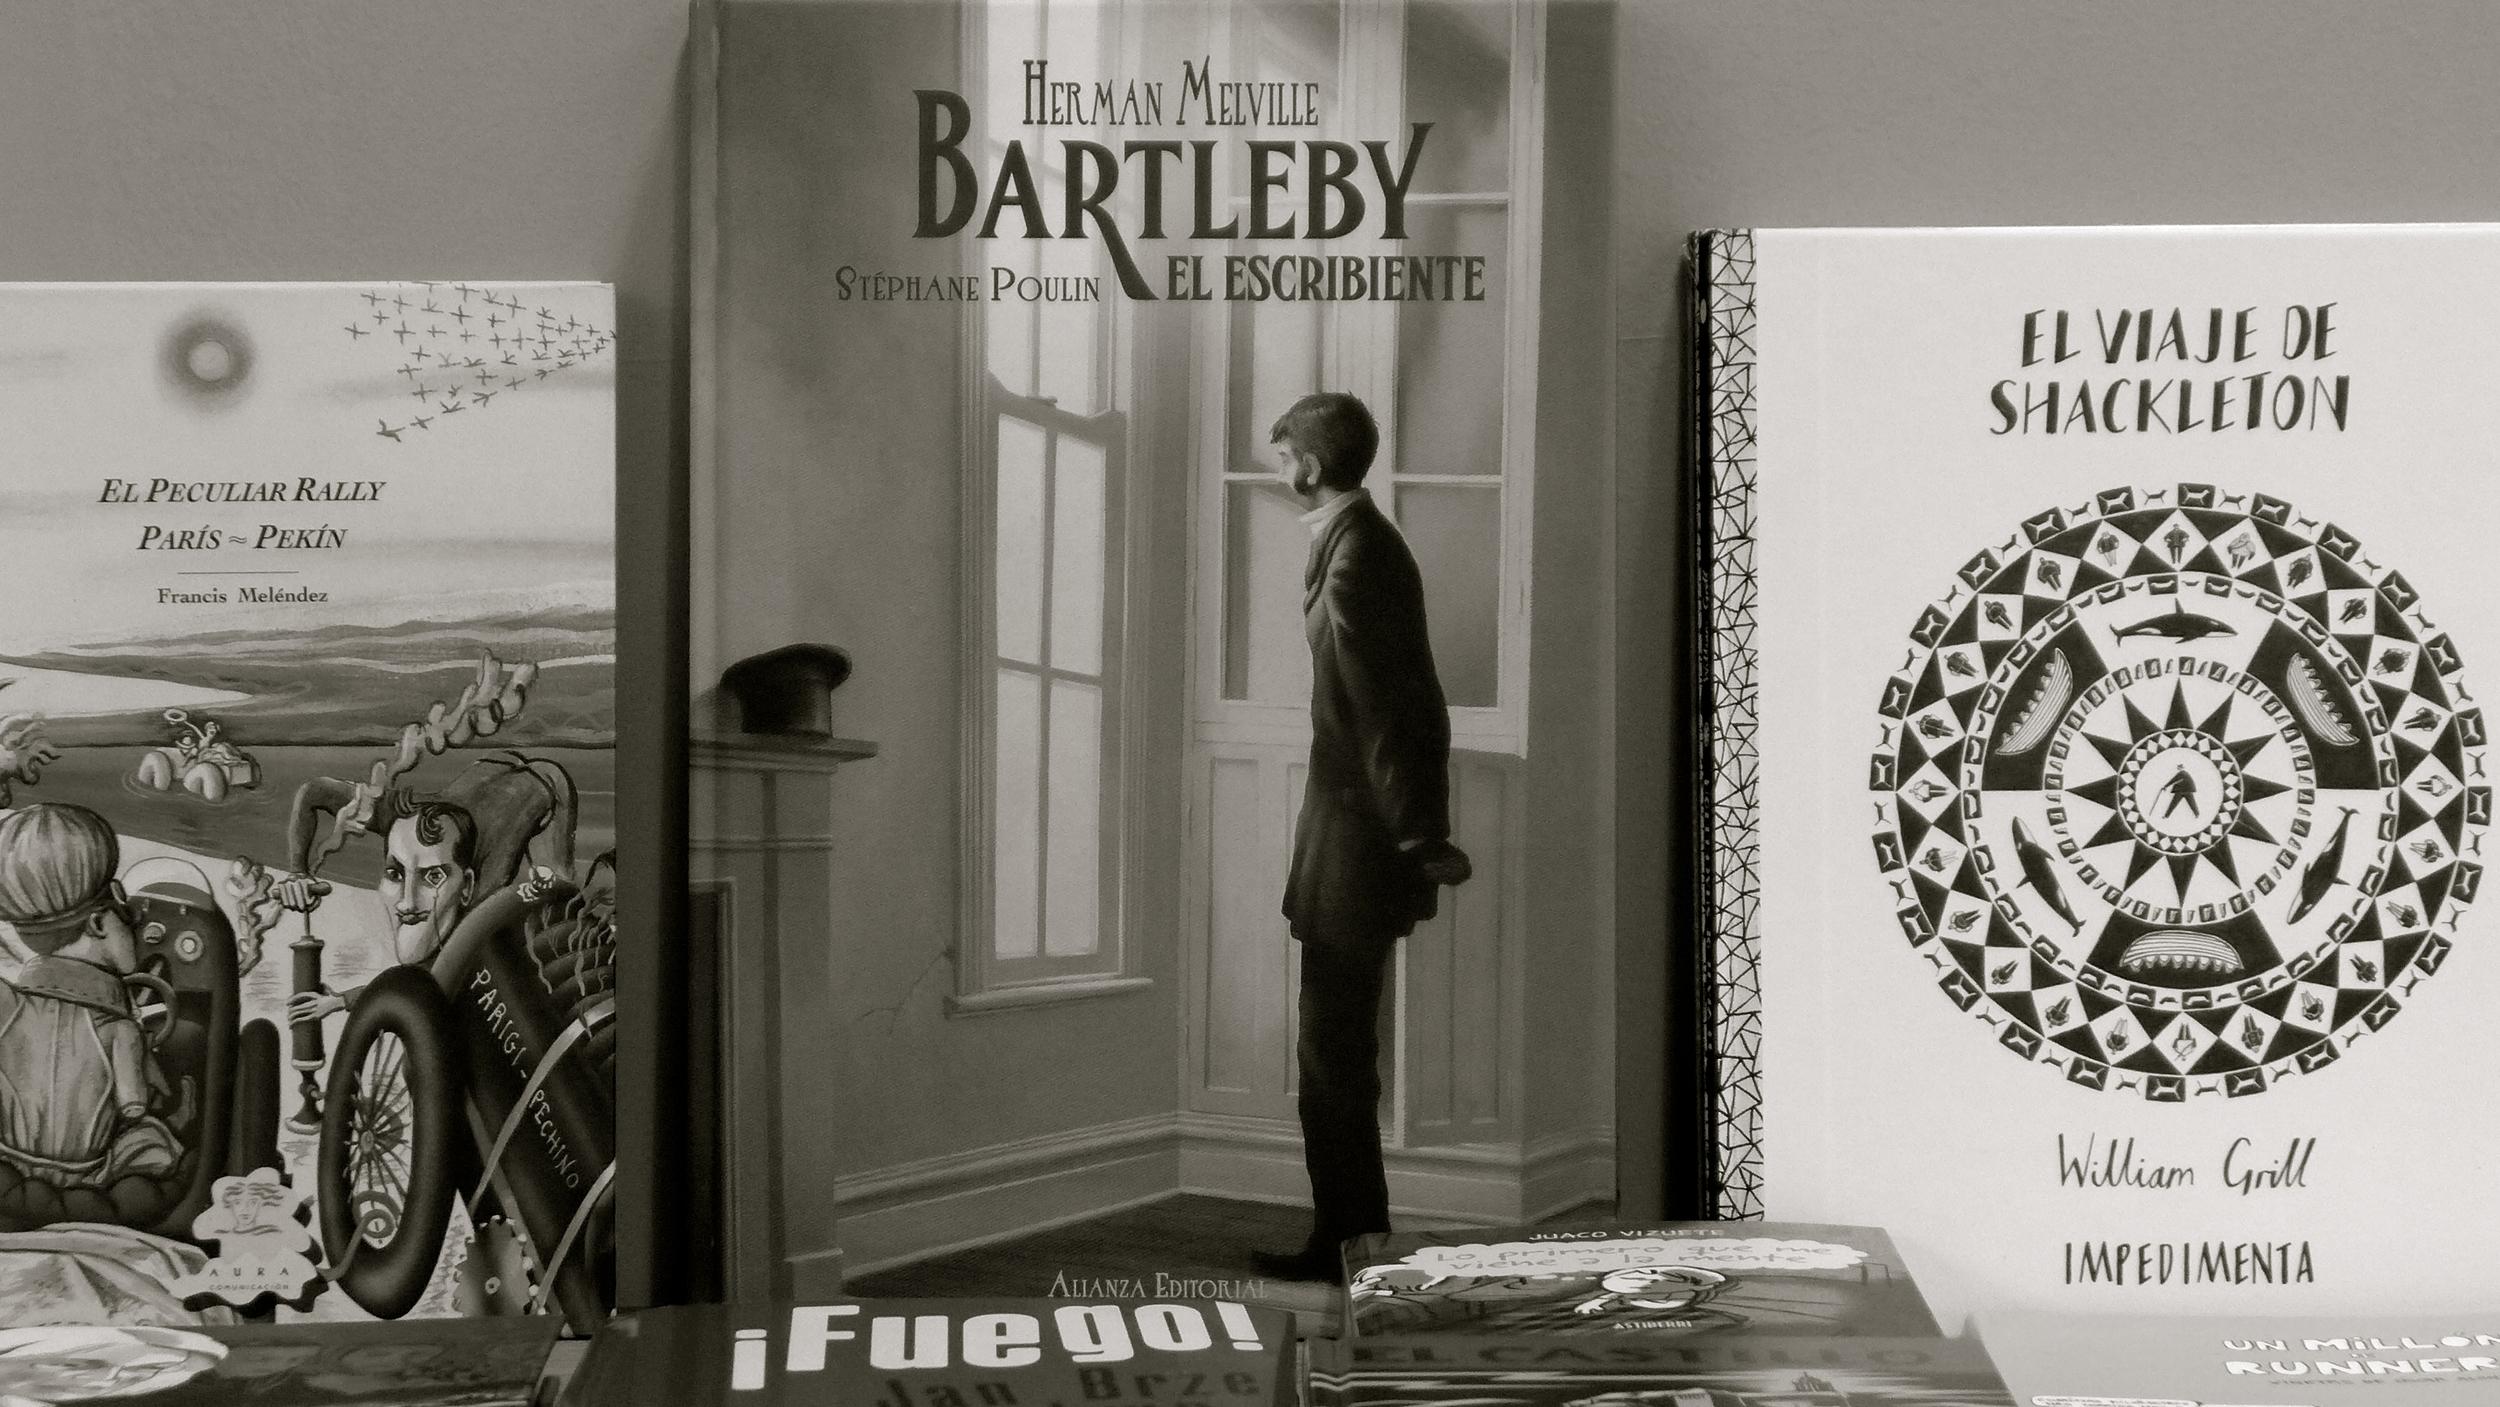 Bartleby - 3